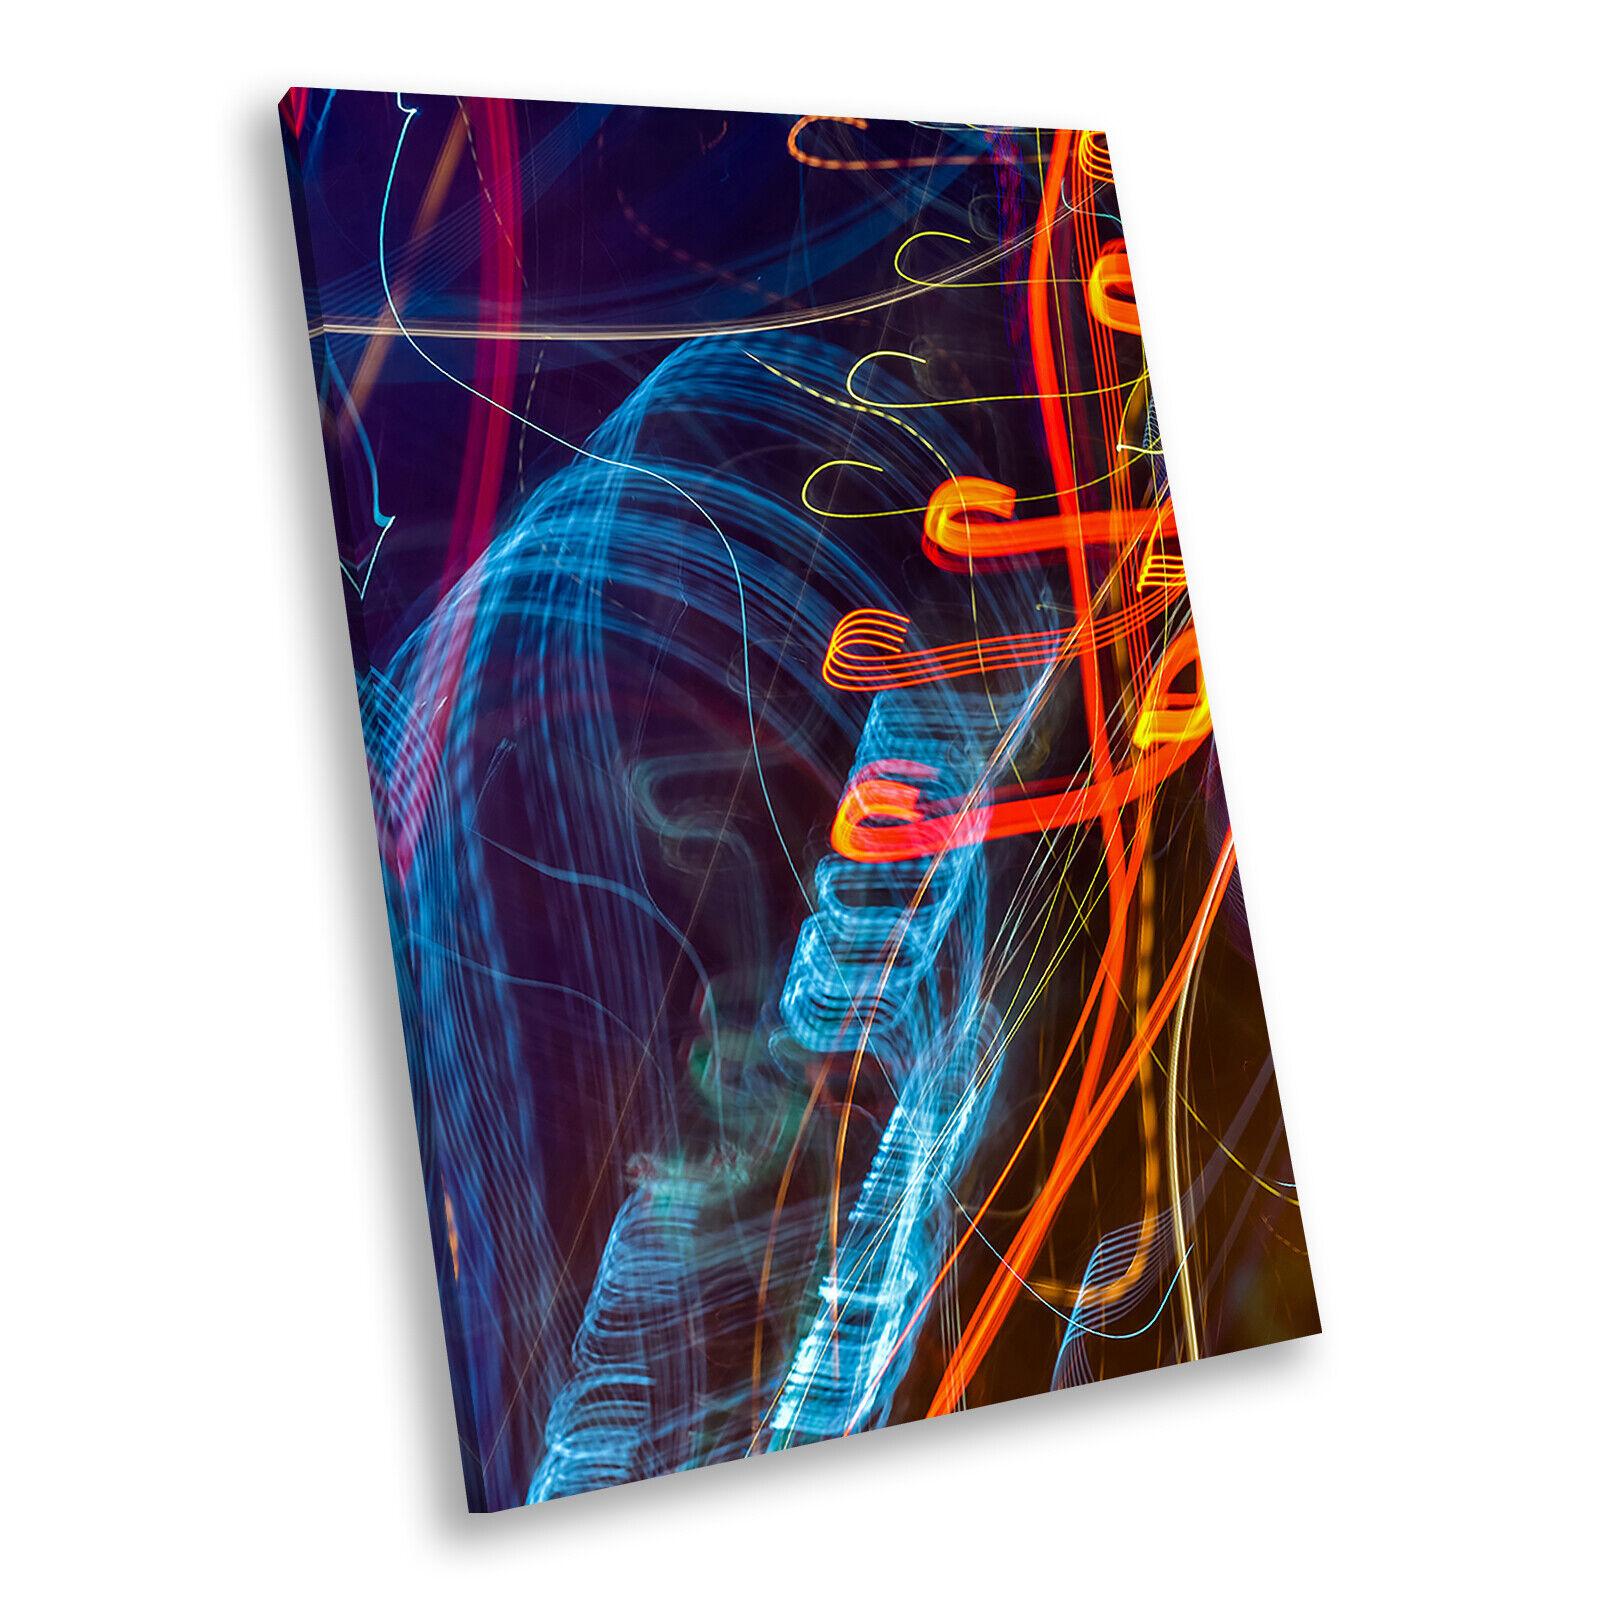 Blau Orange rot Cool Portrait Abstract Canvas Framed Kunst Large Bild